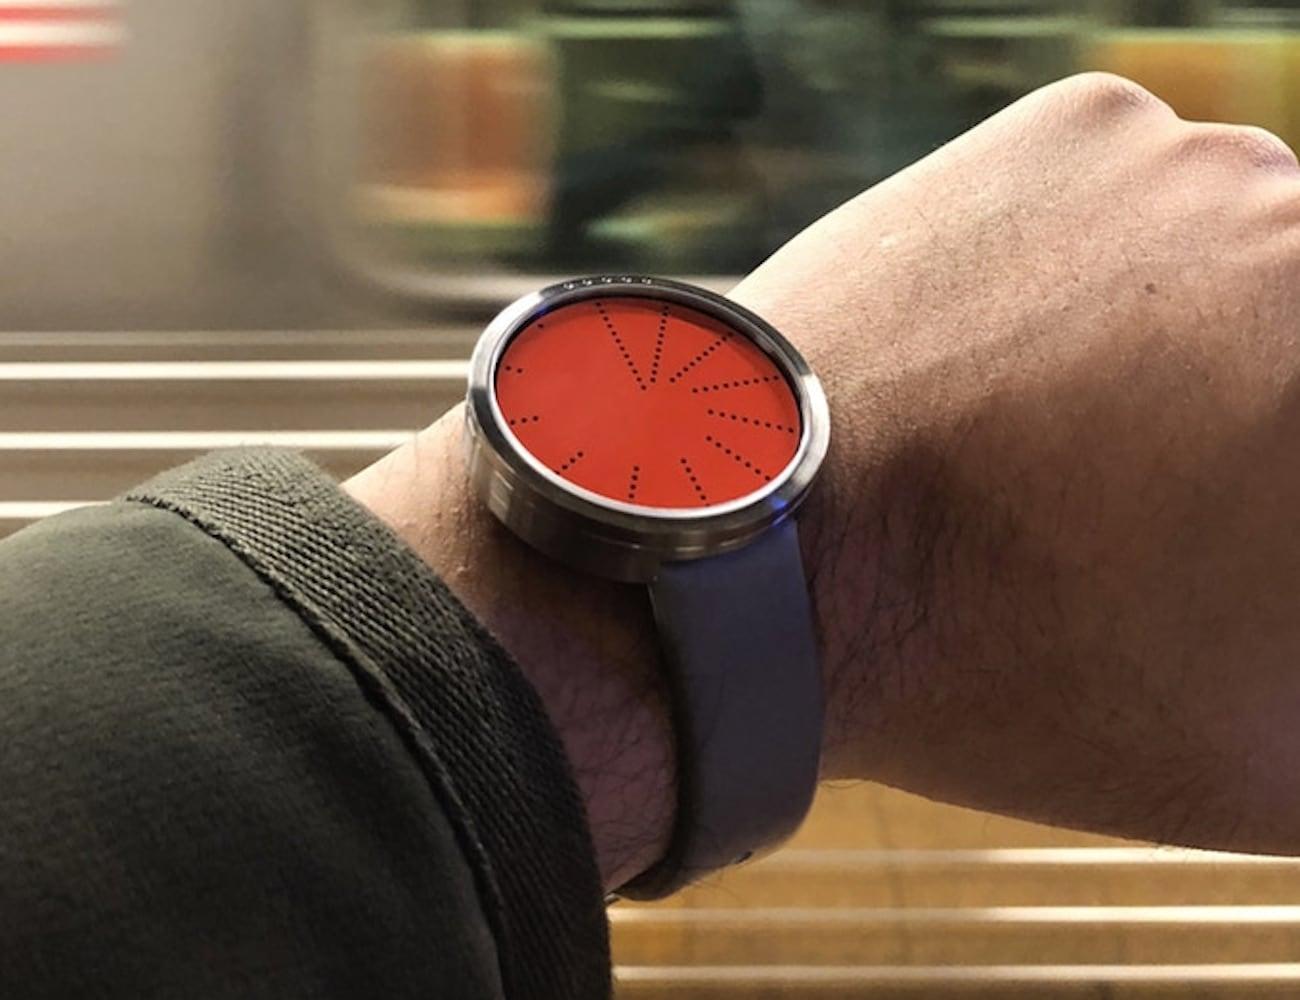 Anicorn Order Swiss Movement Minimalist Watch